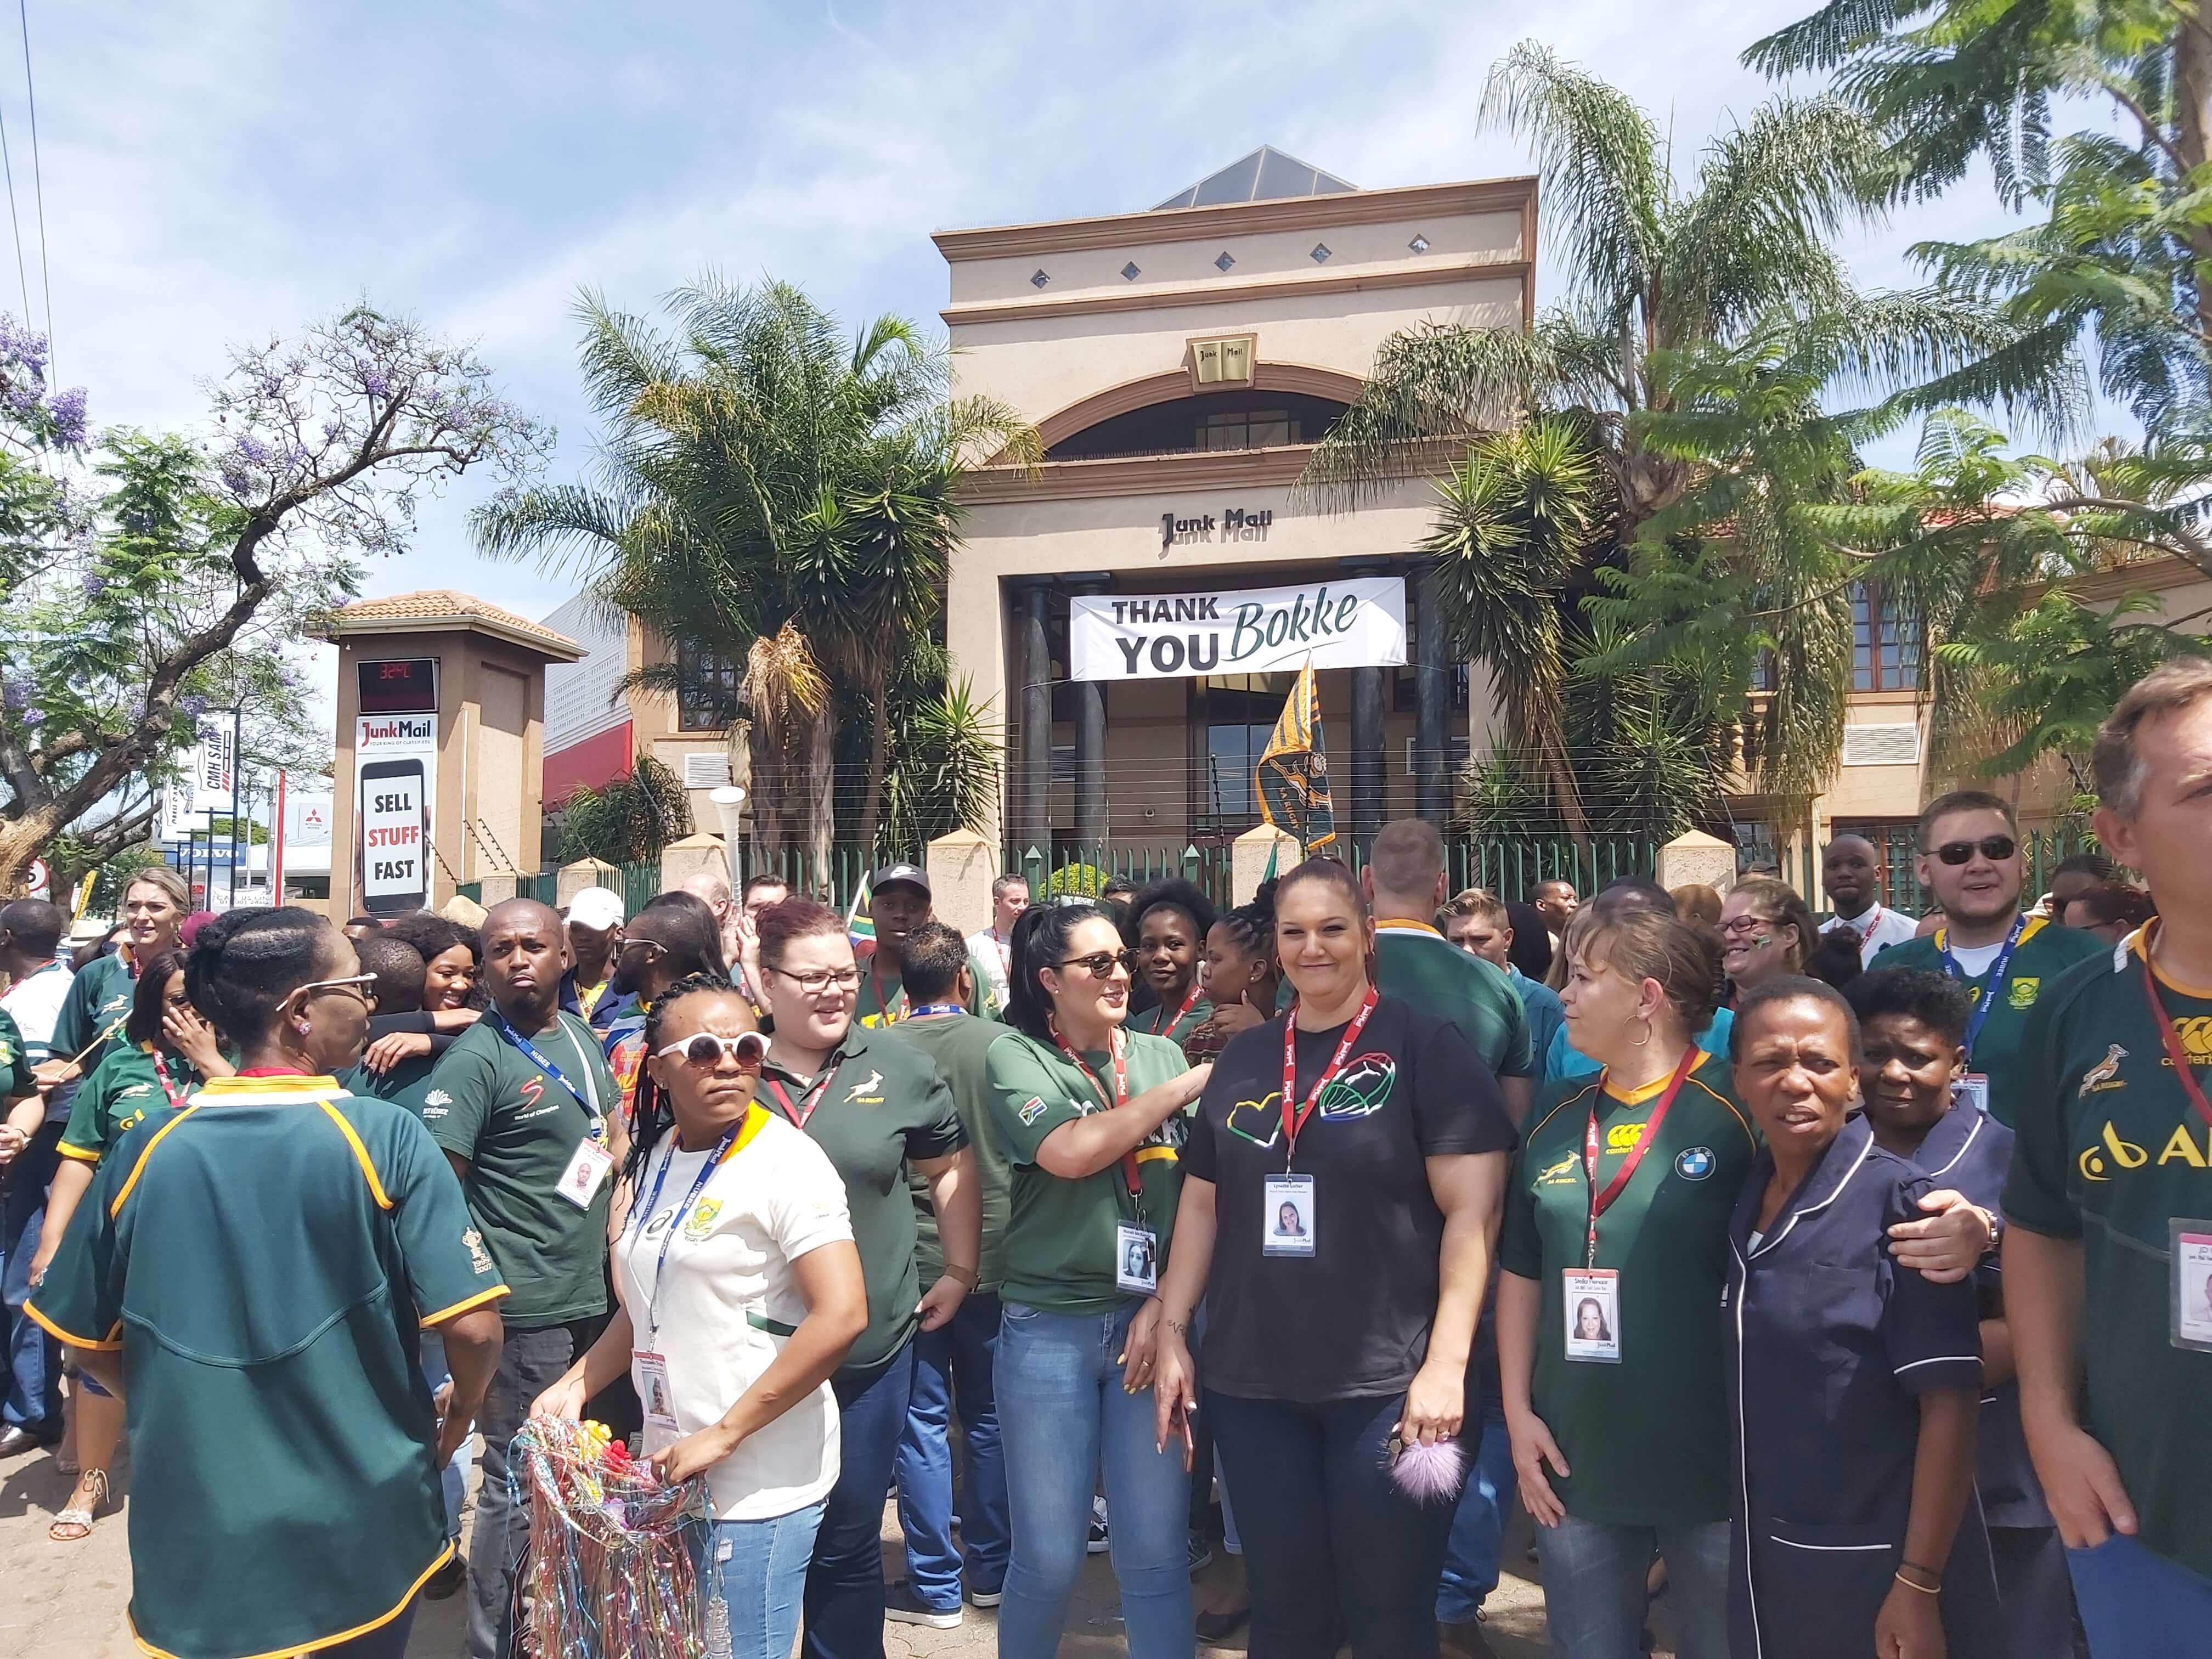 Junk Mail team shows Springbok spirit